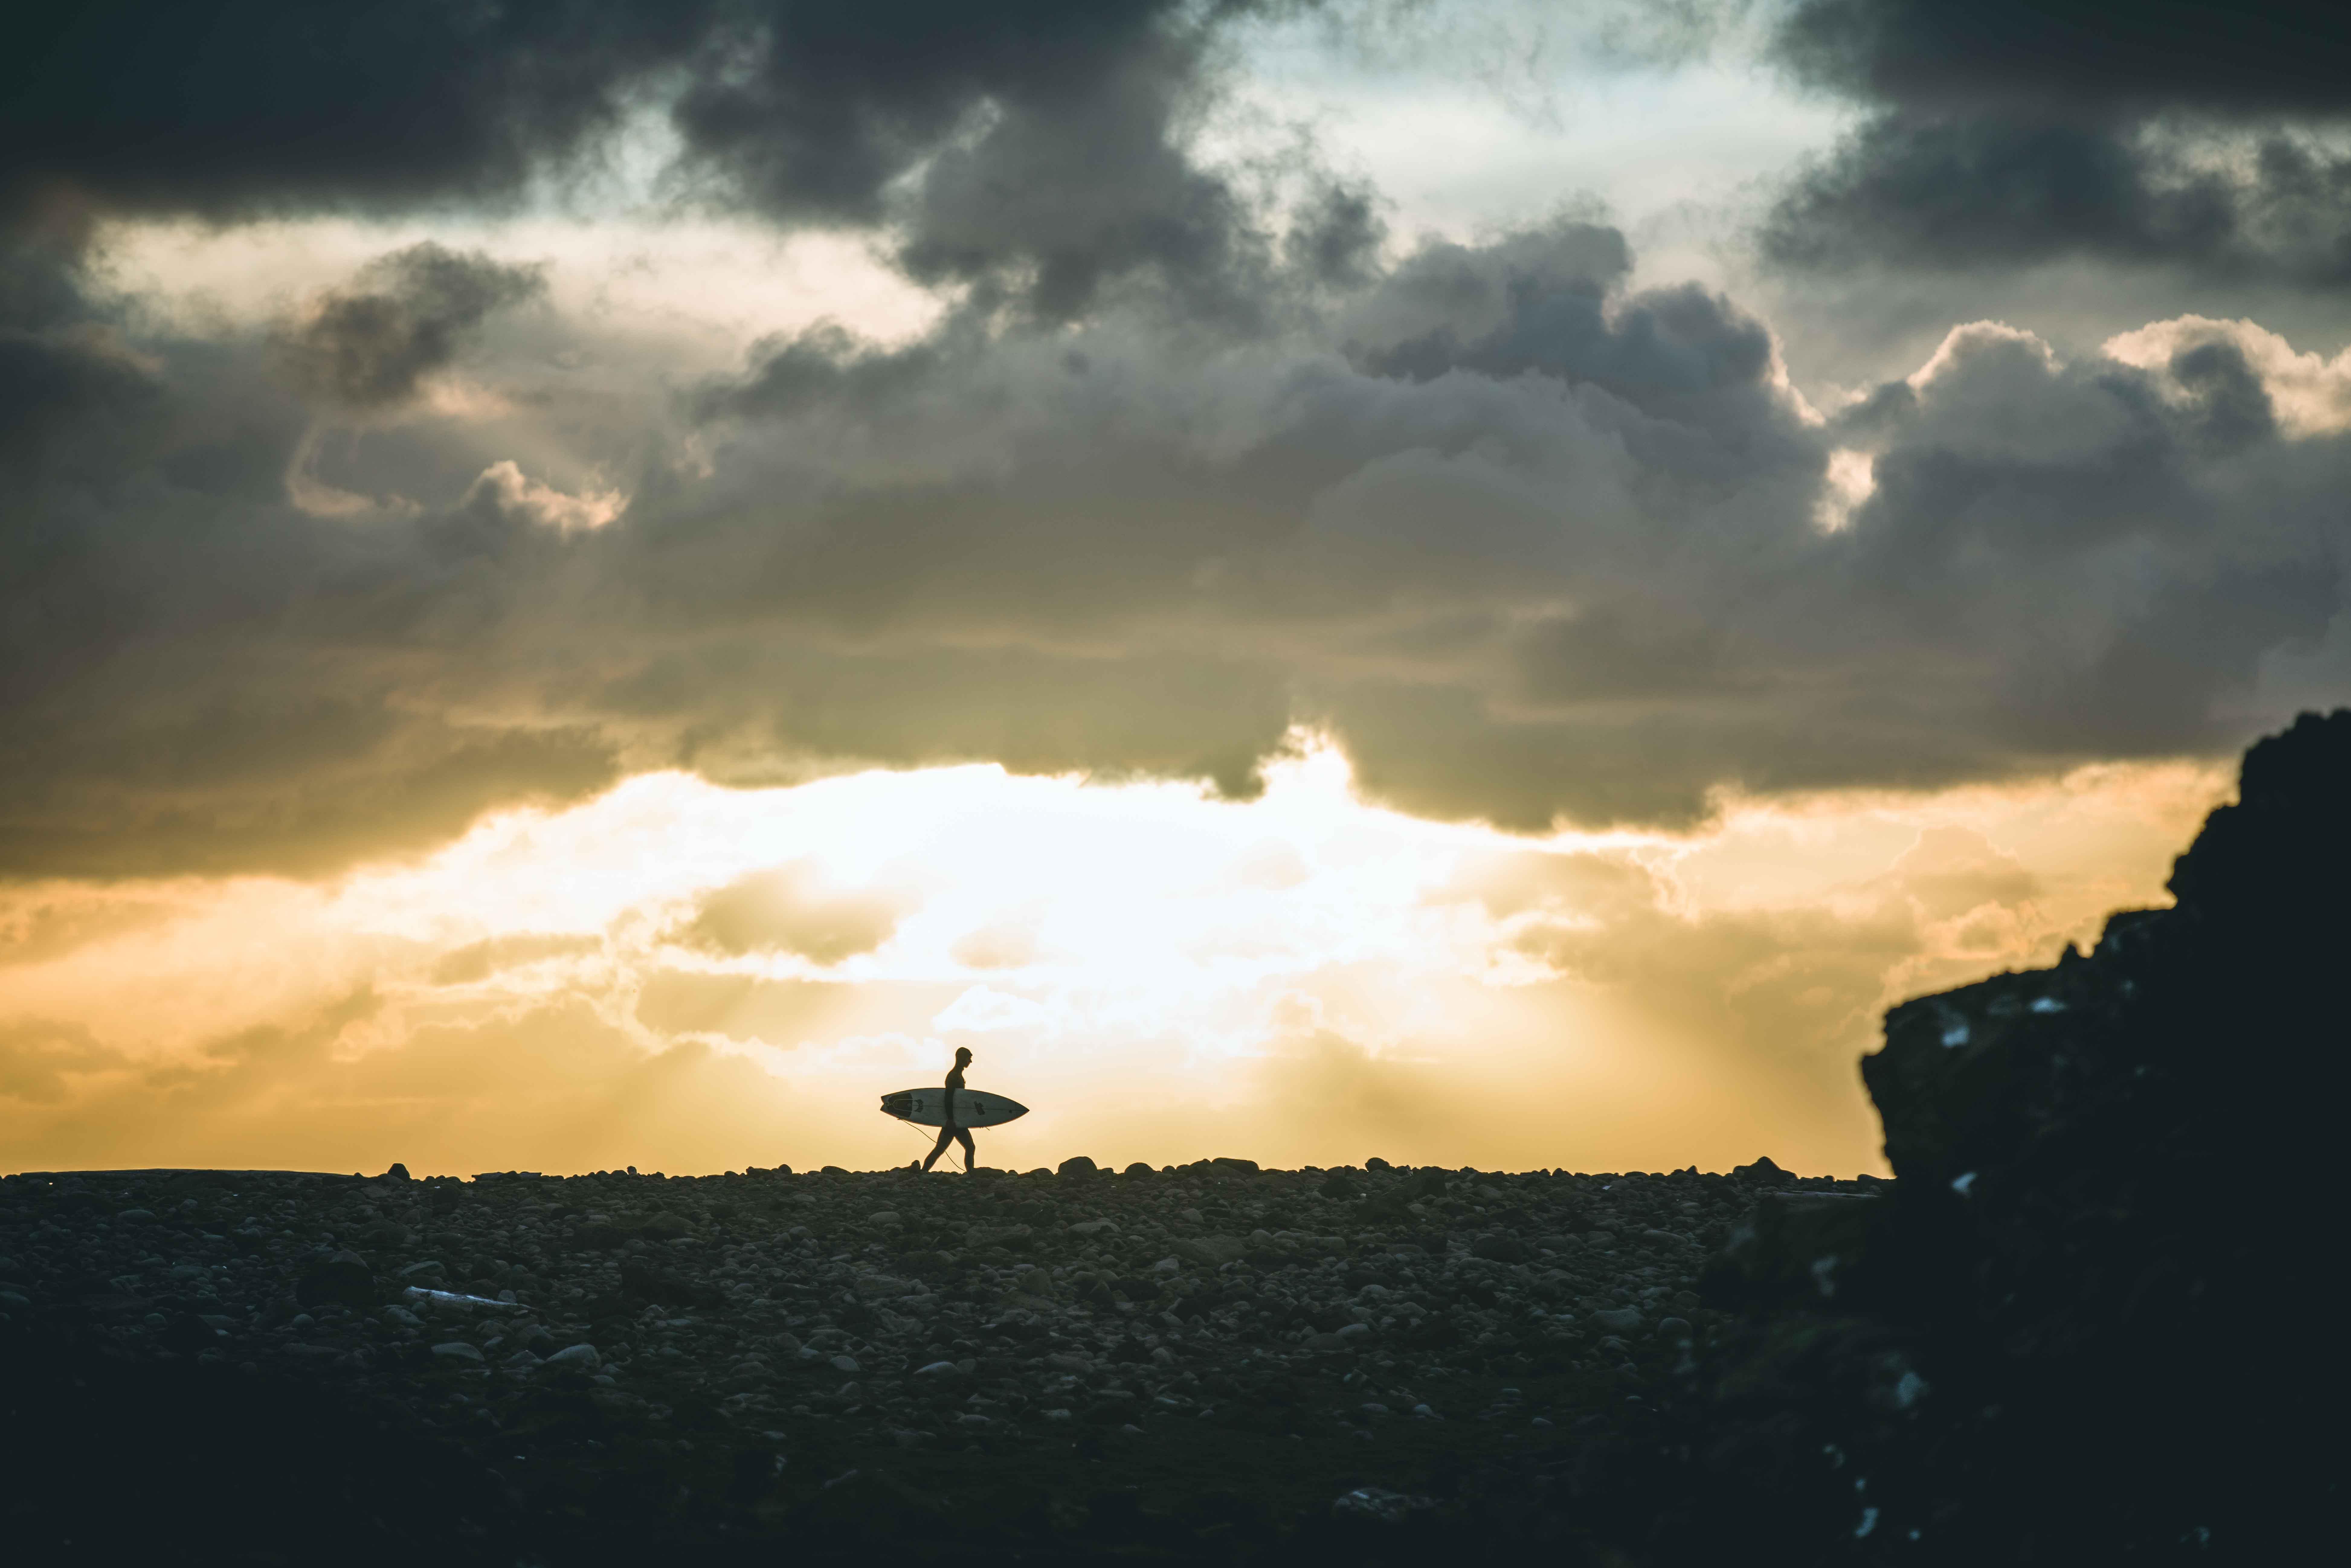 Island Surftrip Reisen Urlaub Wellenreiten13